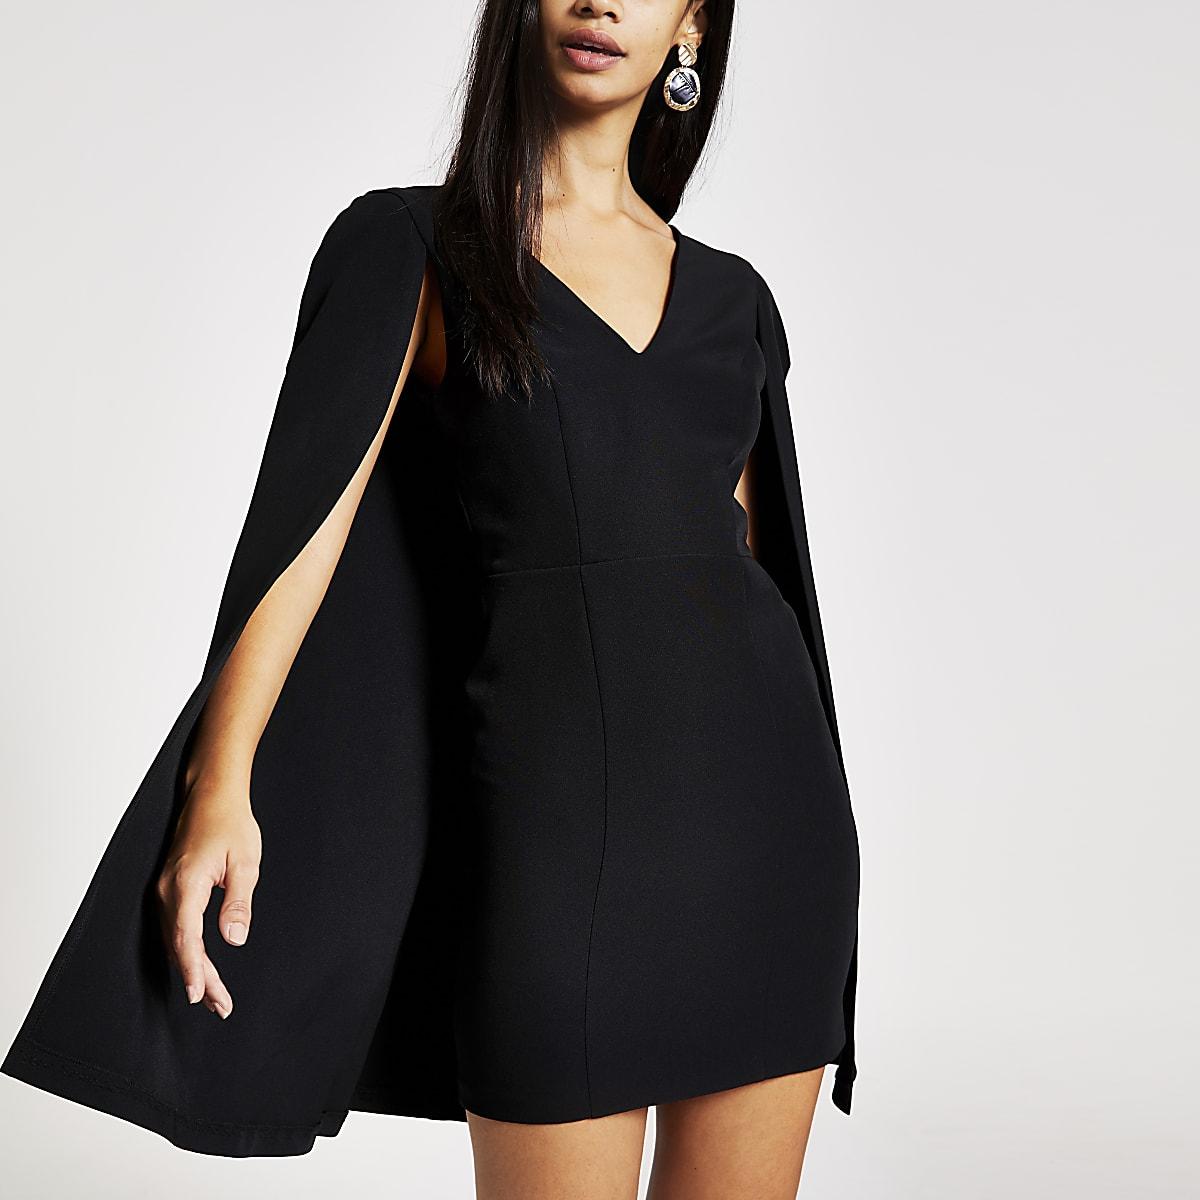 Black cape bodycon mini dress